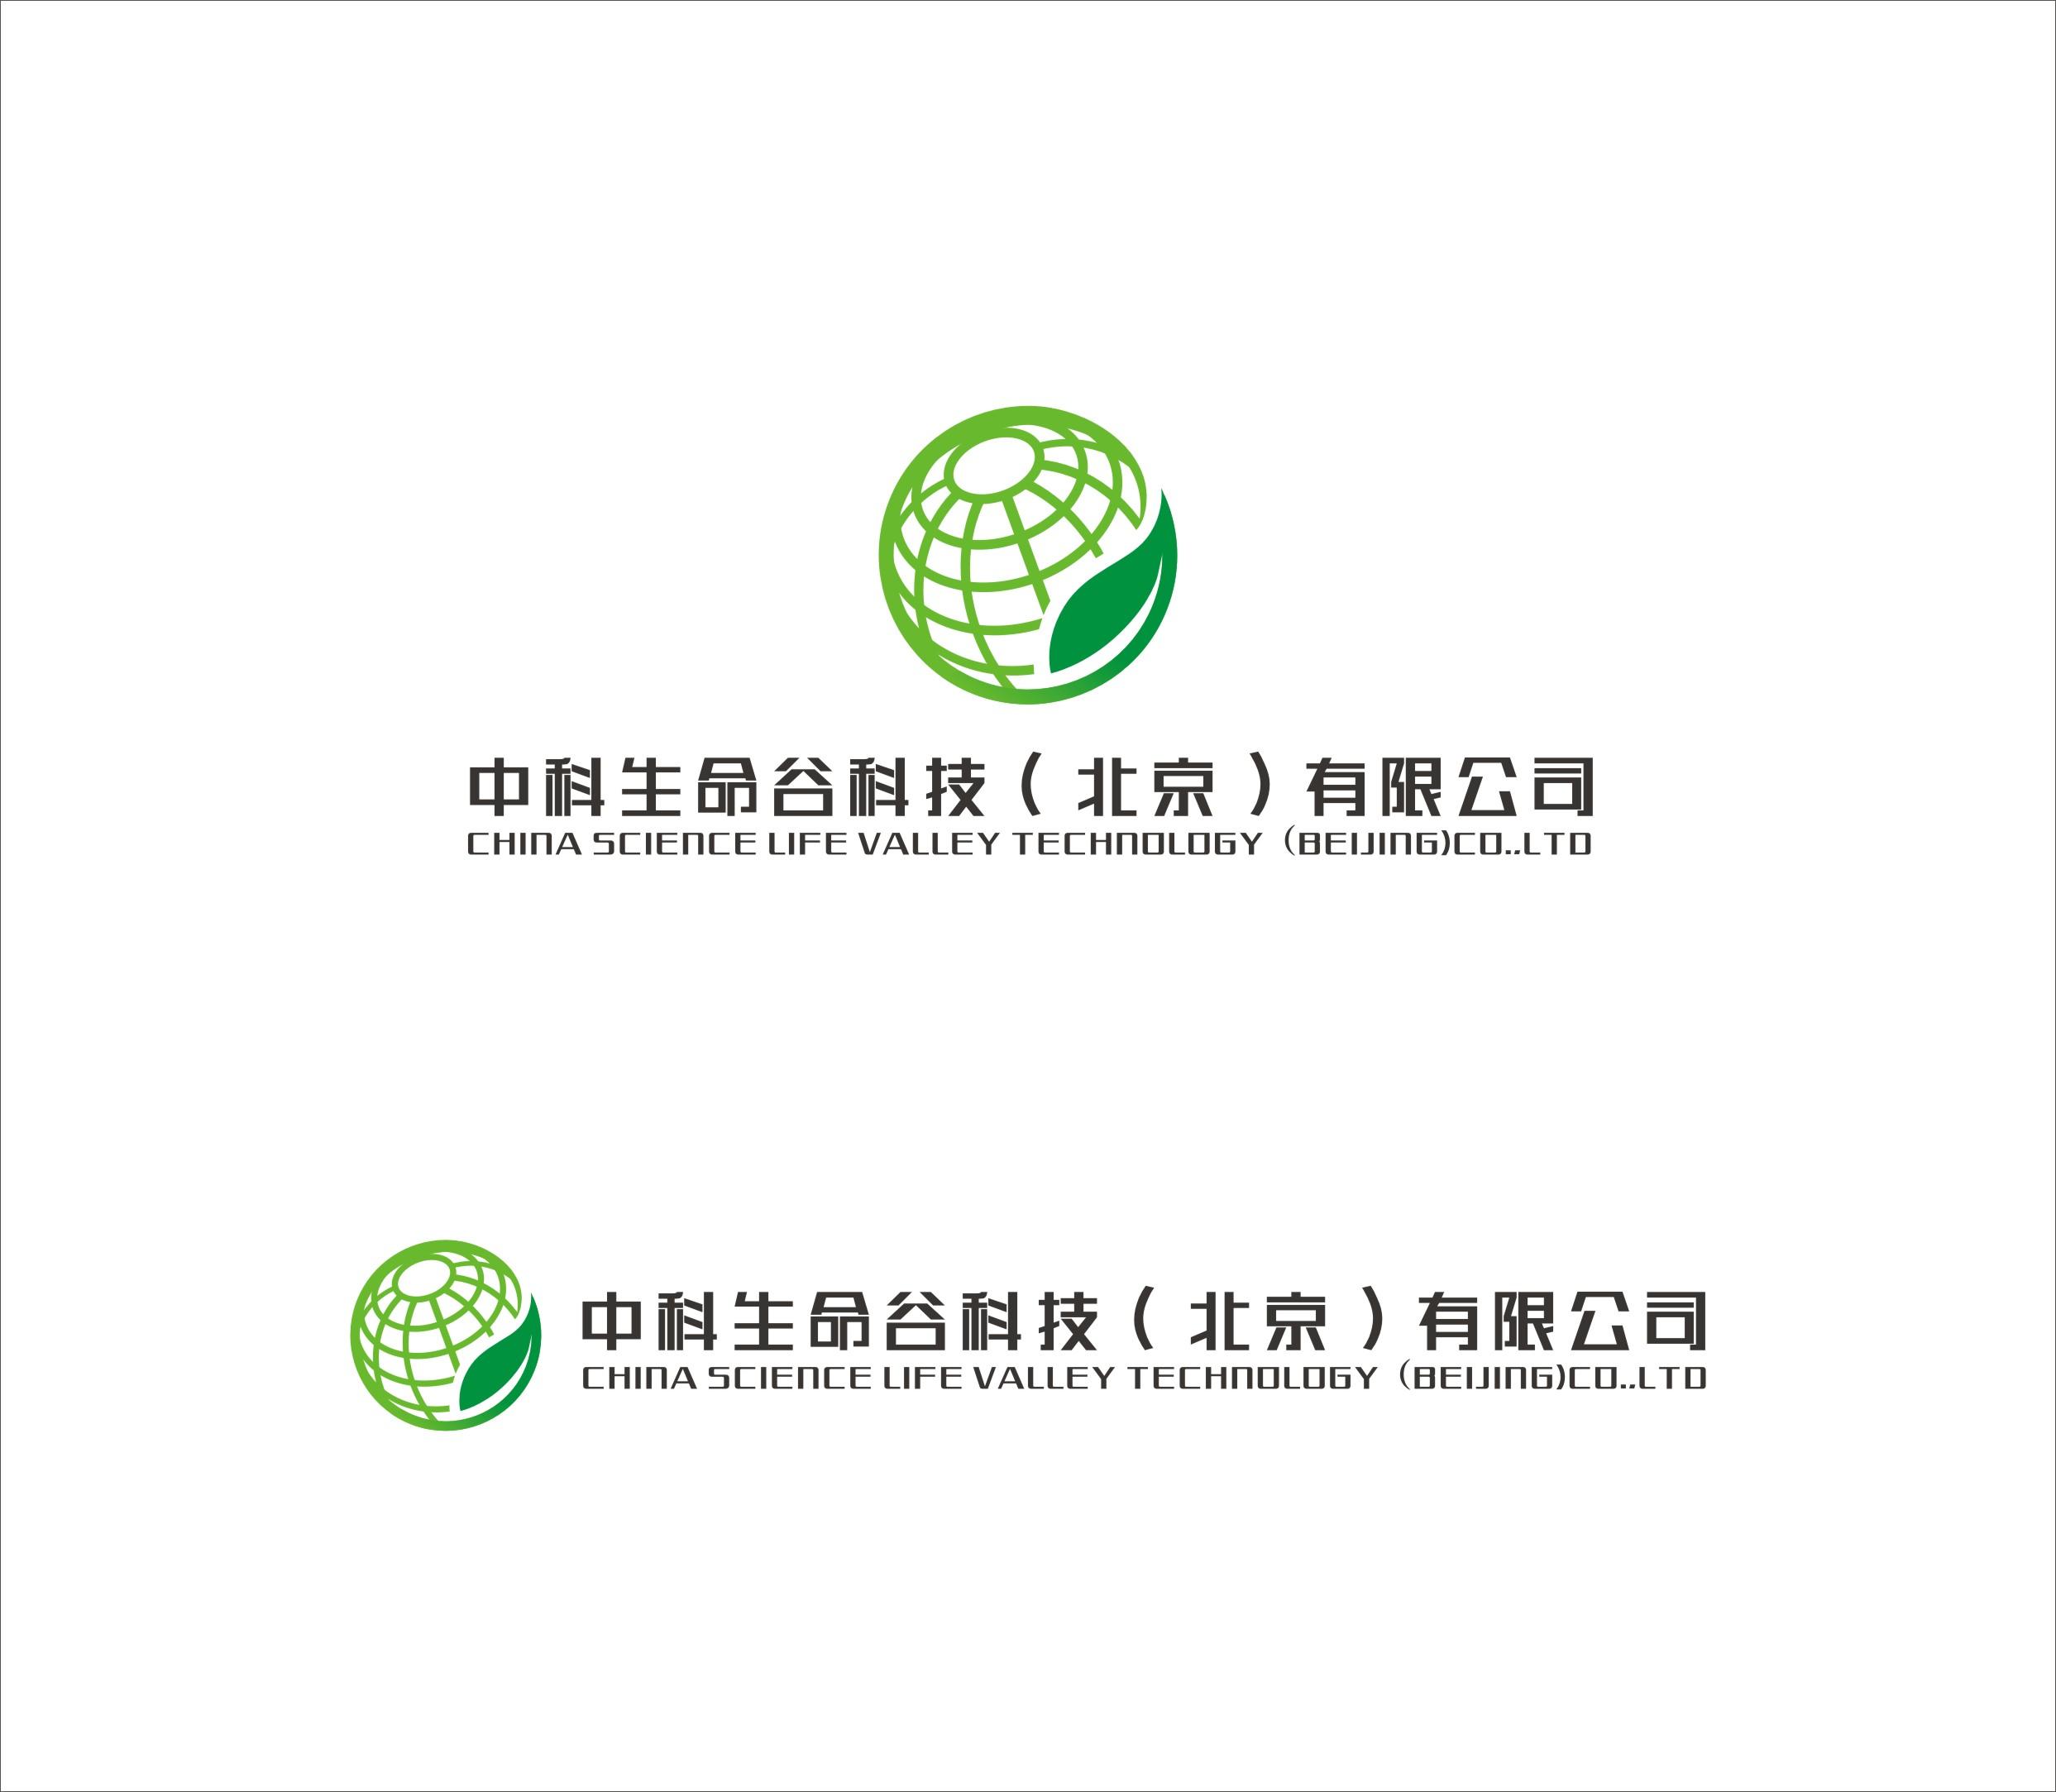 中科生命谷科技LOGO设计_3021560_k68威客网